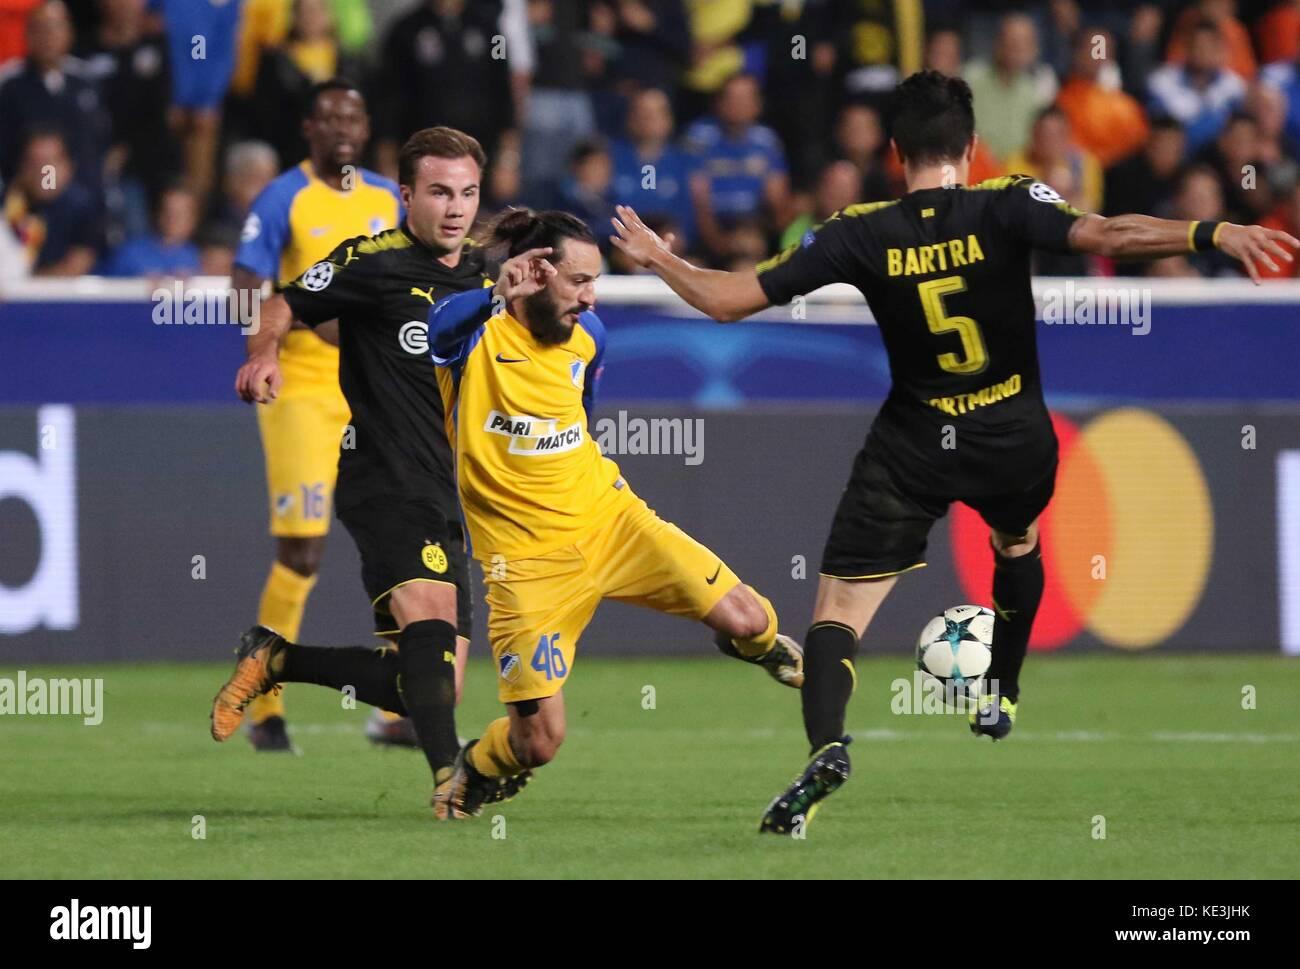 Nikosia, Zypern. 17 Okt, 2017. von apoel stathis Aloneftis (c) Mias für den Ball im Champions League Spiel gegen Stockfoto